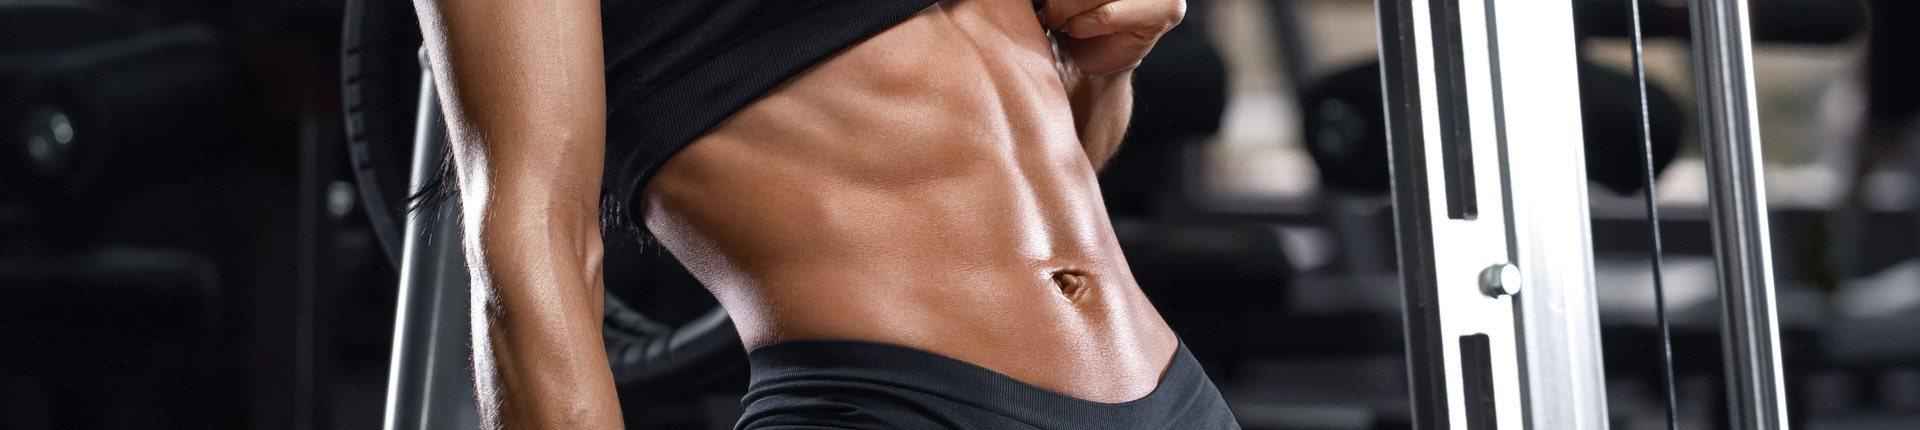 Jak niski poziom tkanki tłuszczowej można utrzymywać?